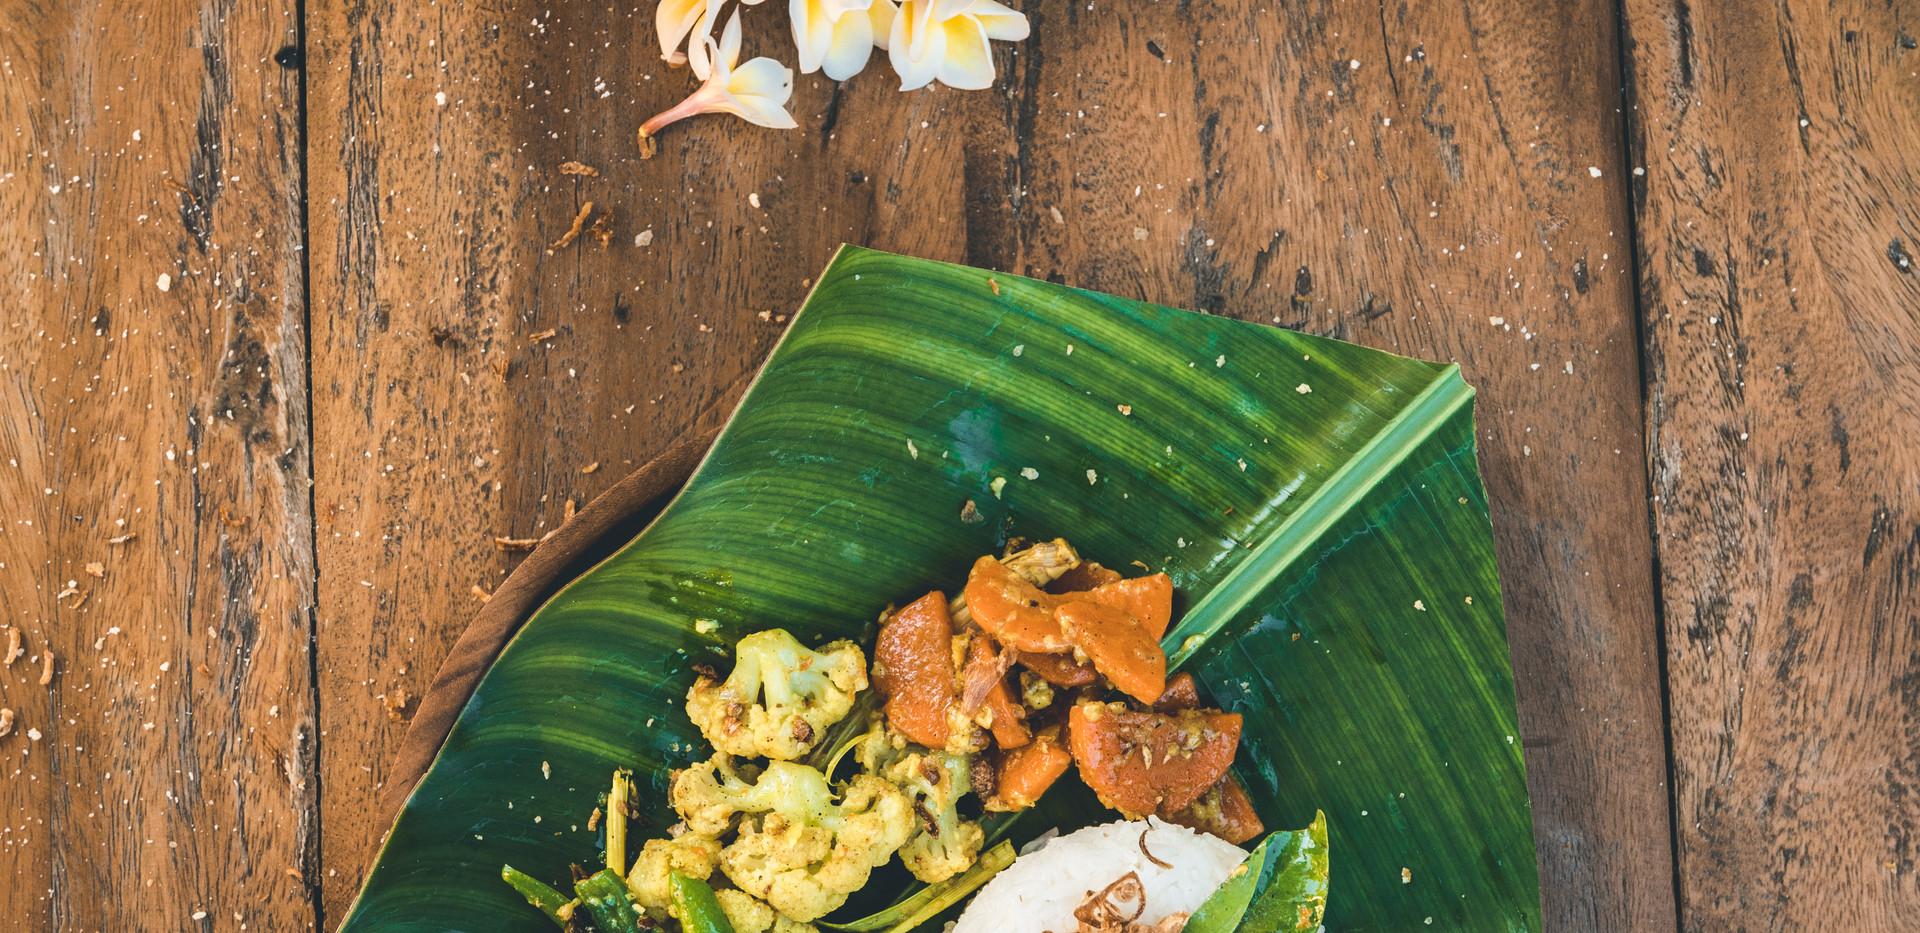 Indo_Bali_Ocho_21118-13.jpg